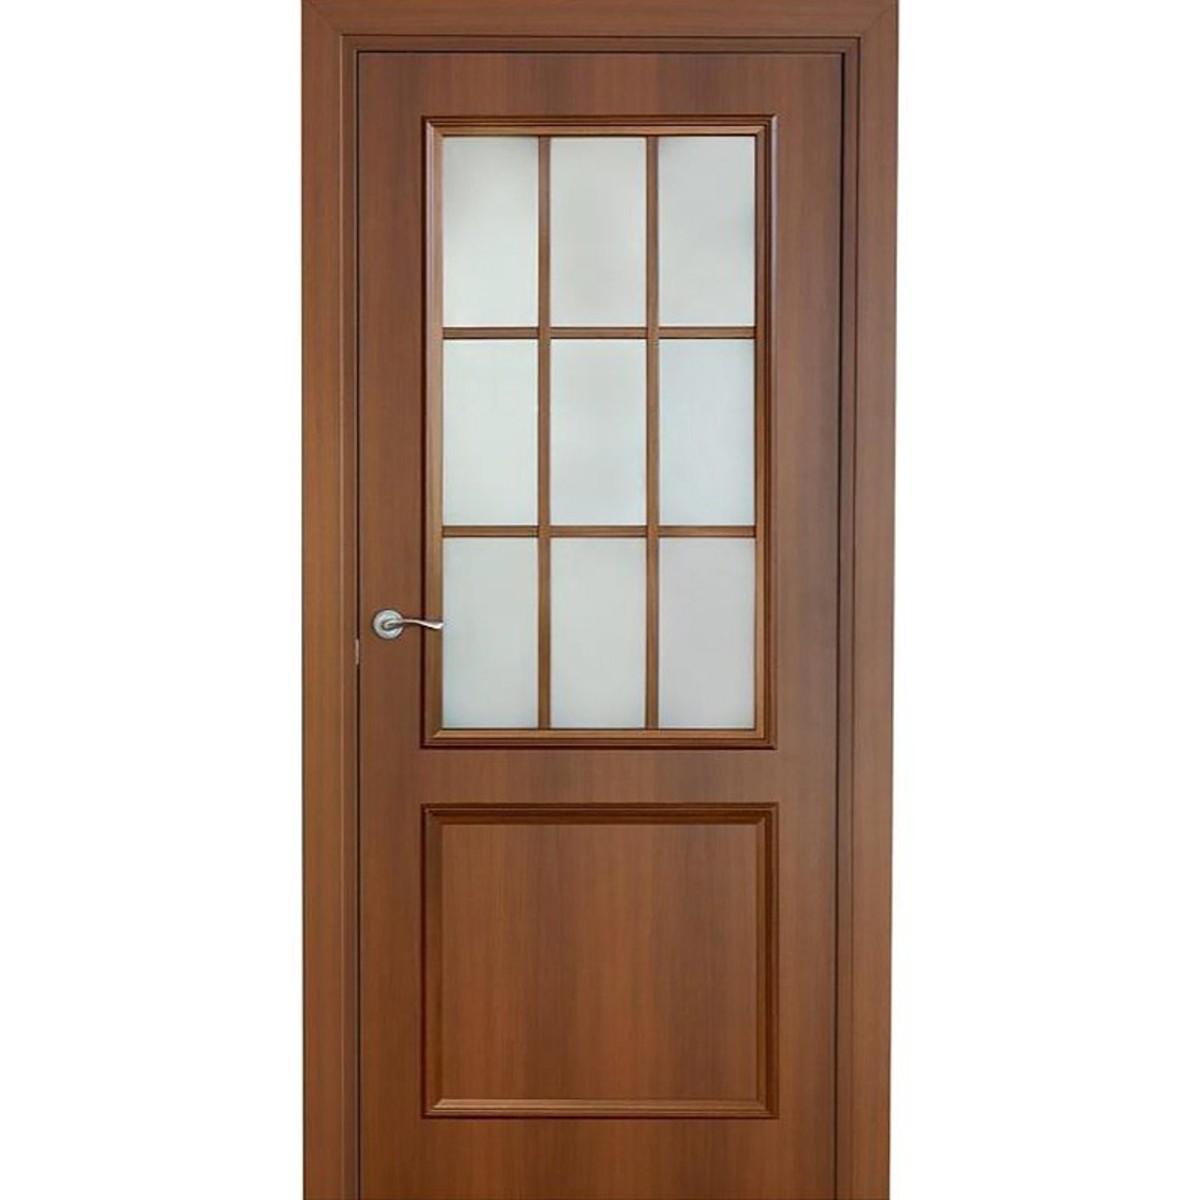 Дверь Межкомнатная Остеклённая Altro 60x200 Ламинация Цвет Орех